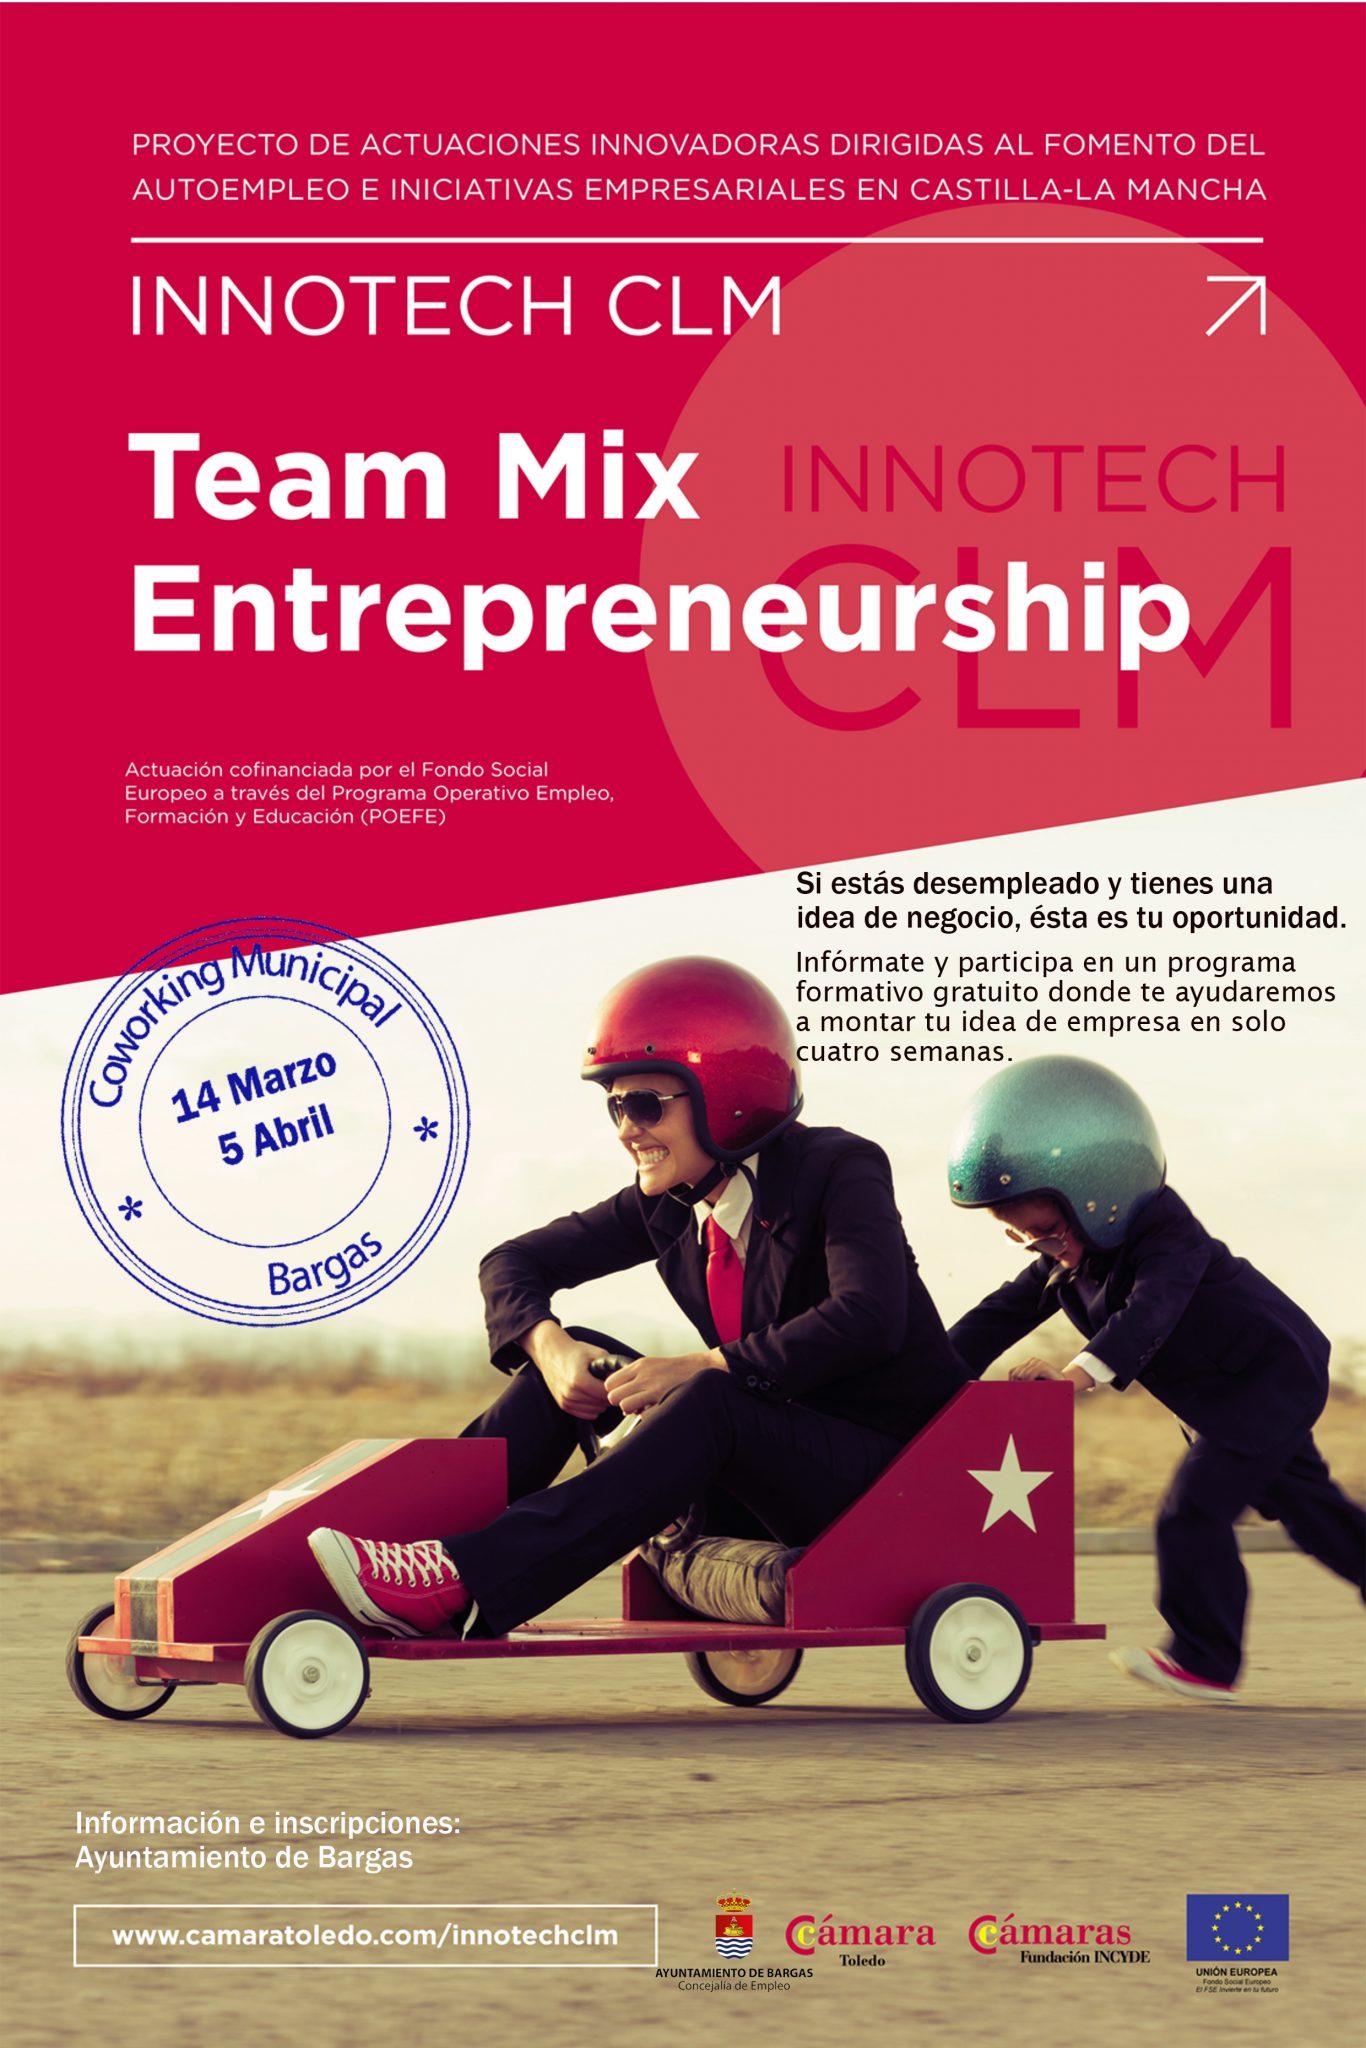 Nuevo Curso para Emprendedores Team Mix en Bargas